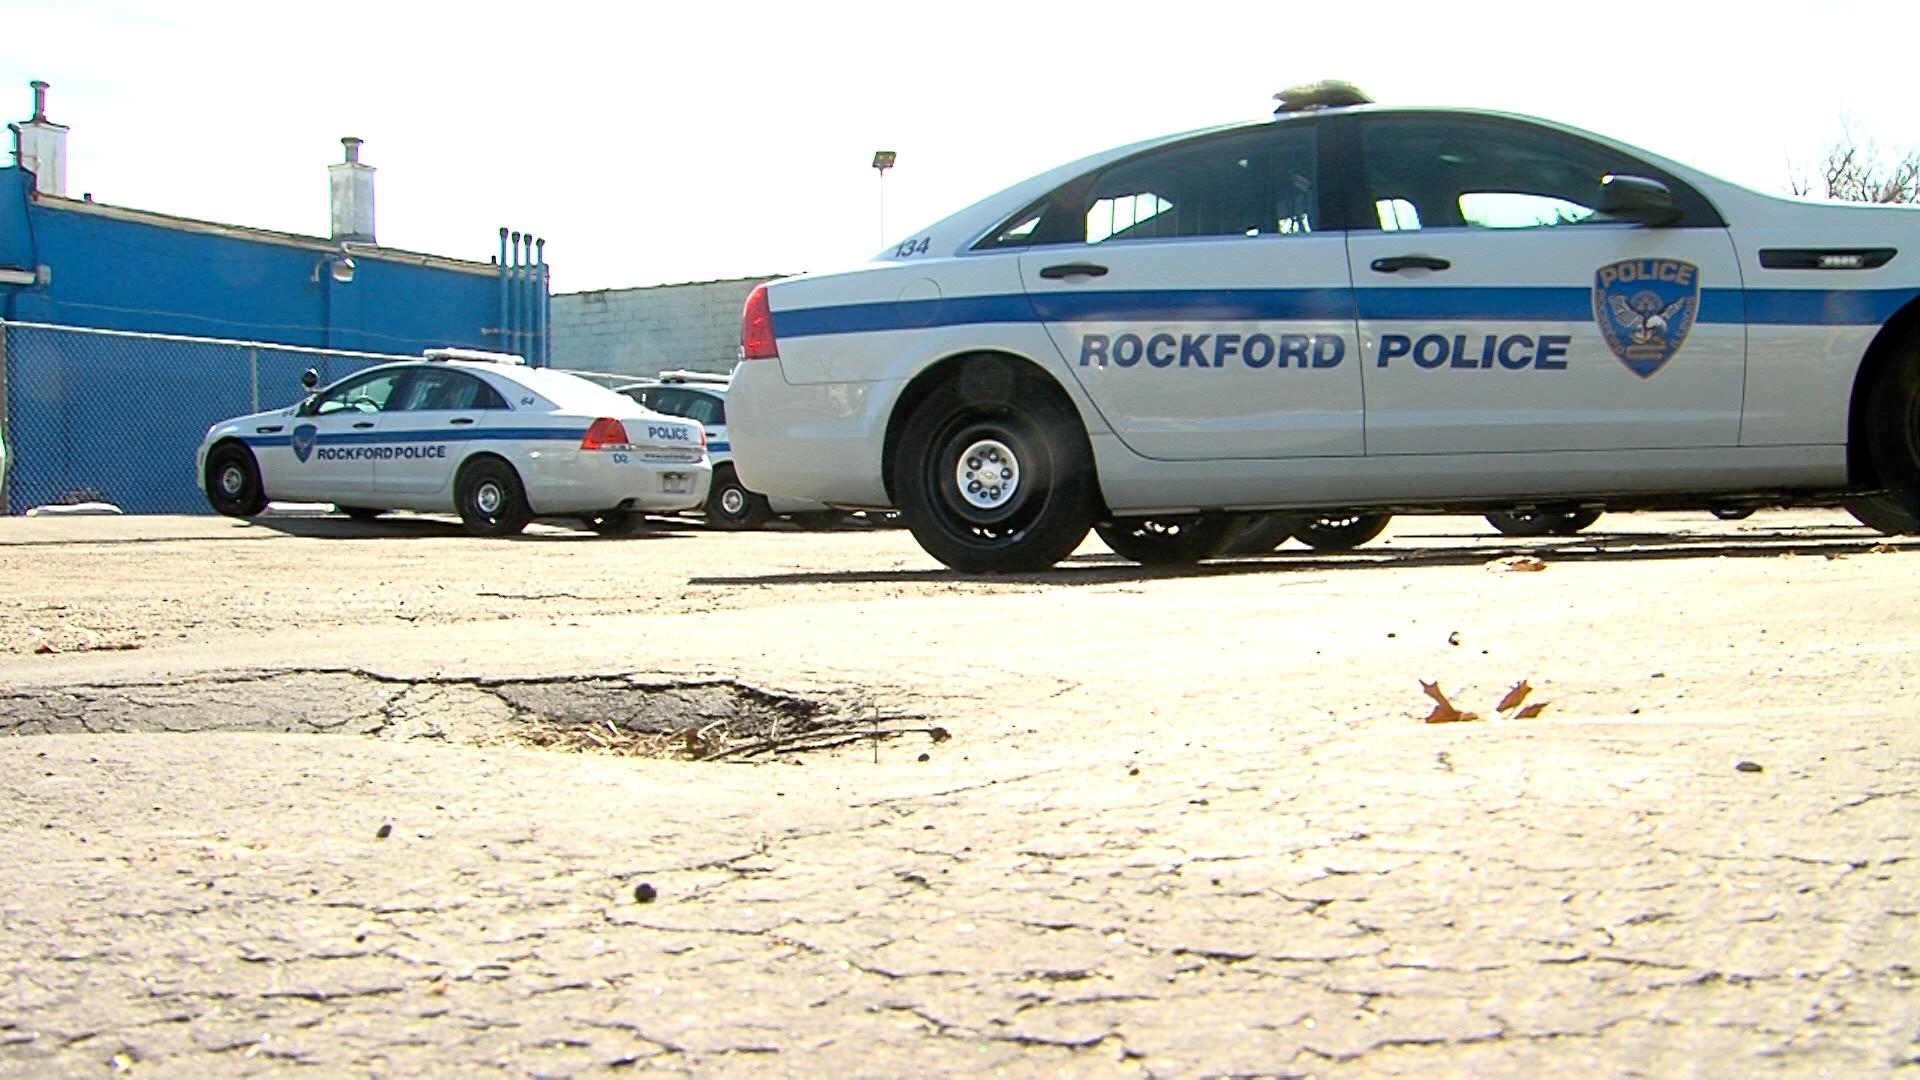 Rockford Police _1525746618536.jpg.jpg